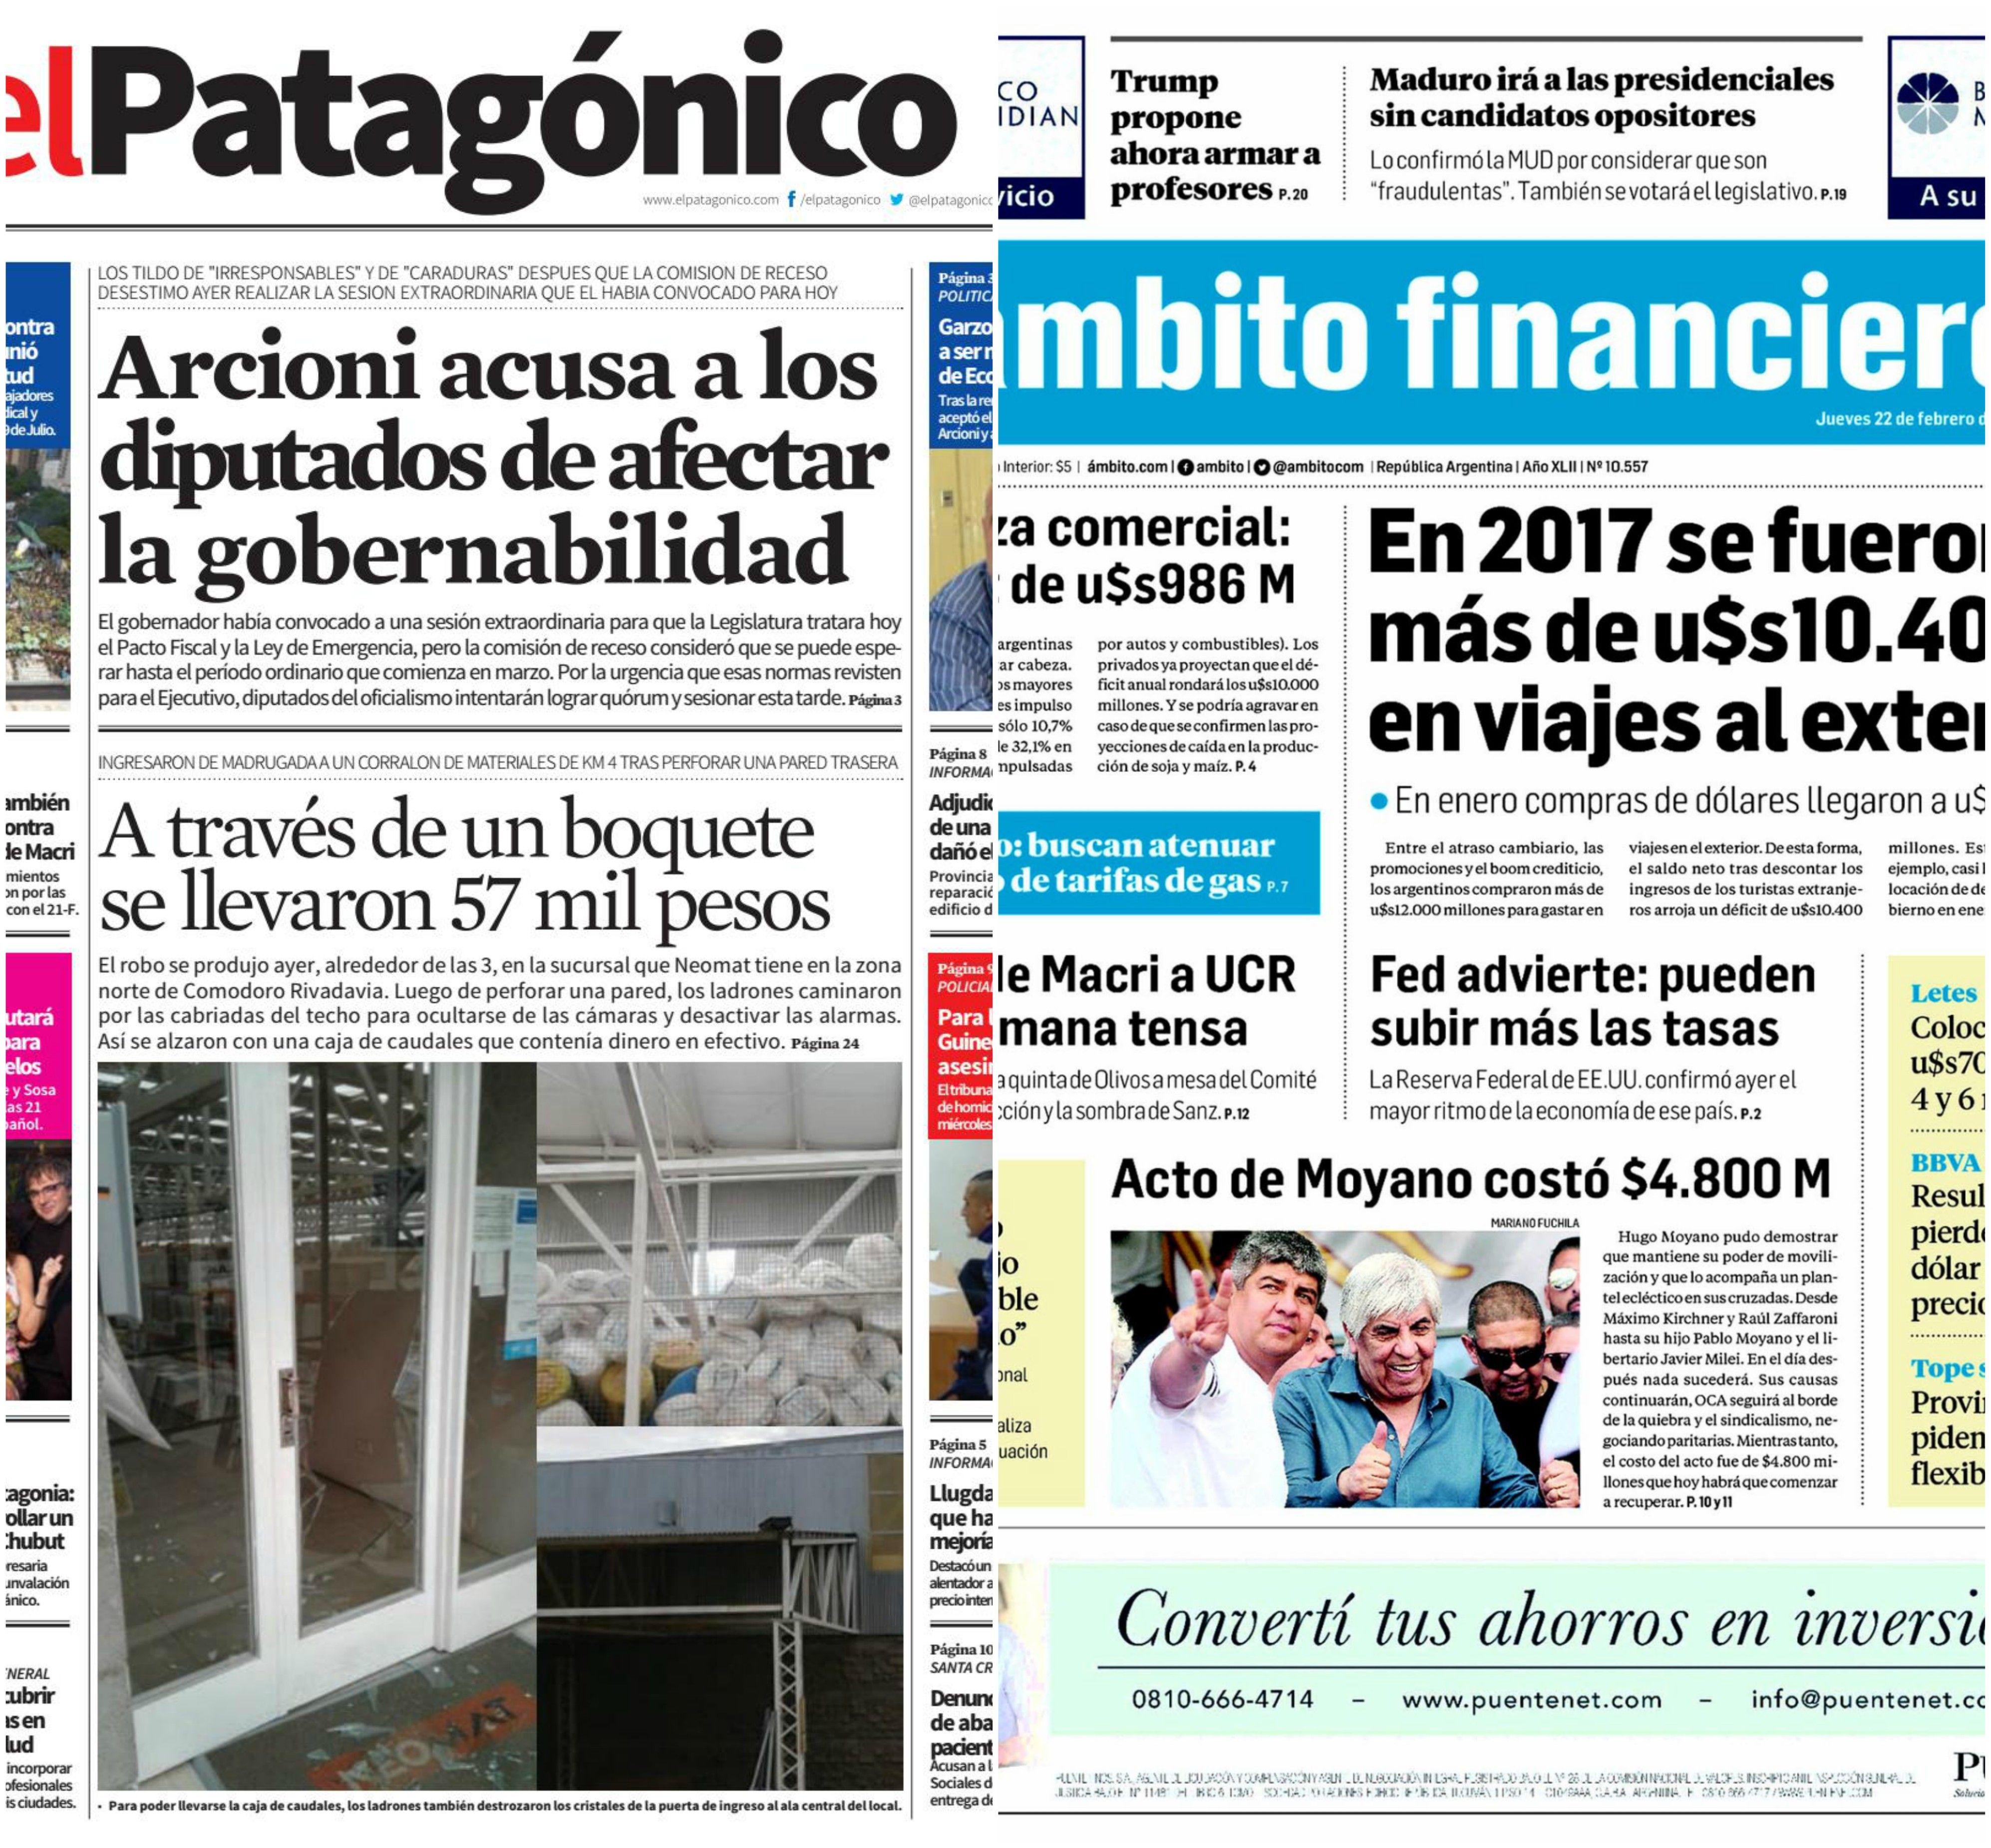 Tapas de diarios del jueves 22 de febrero de 2018